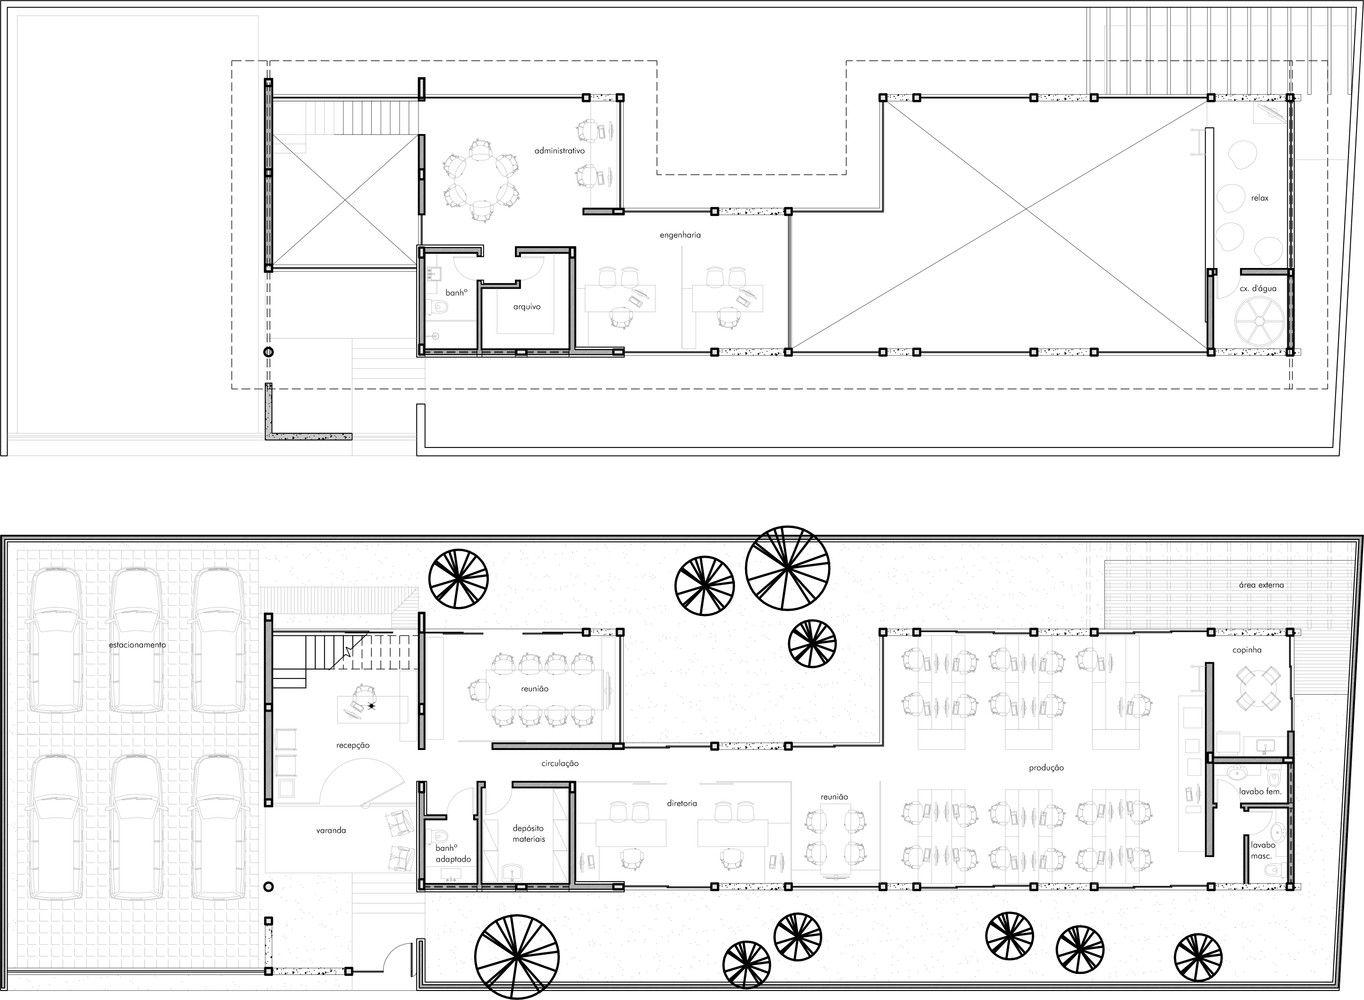 Galeria de Escritório dos Arquitetos / Skylab Arquitetos - 15